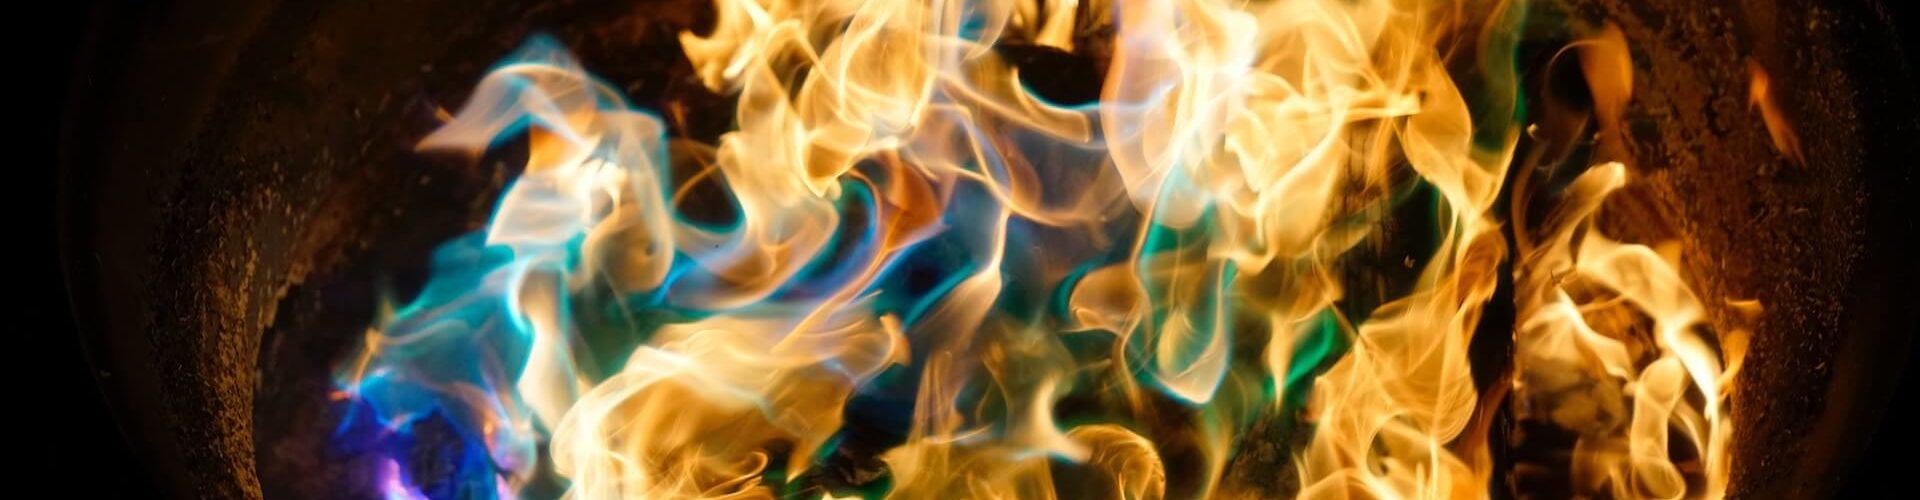 Feuerschale / Feuerkörbe Pflege & Wartung